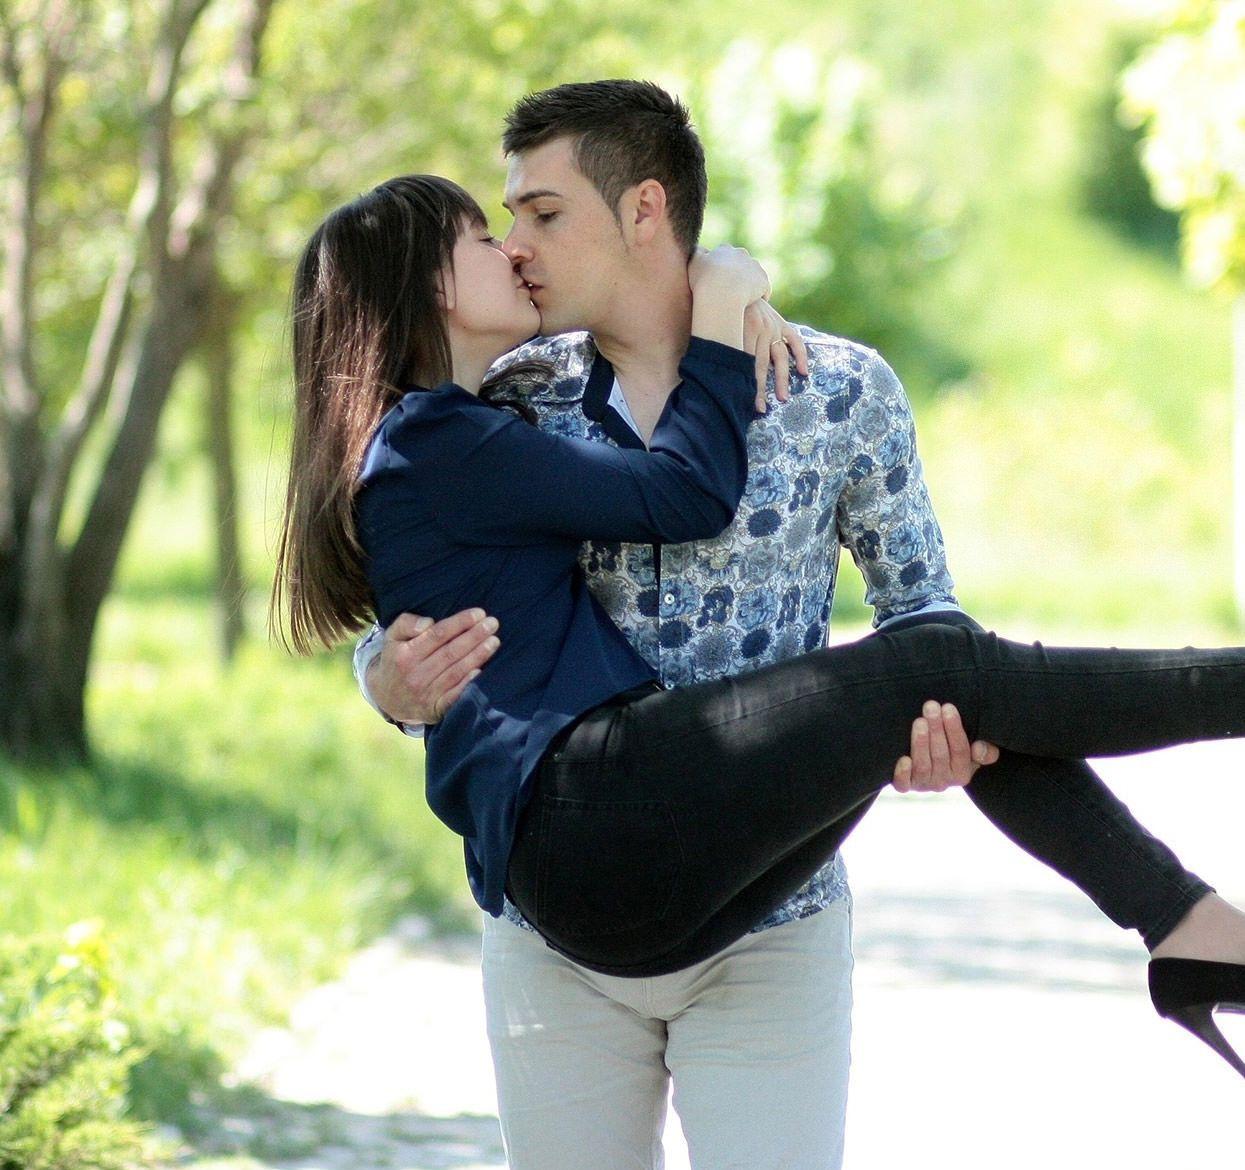 Love Couple Romantic Hd Images Love Couple Romantic Photo Love